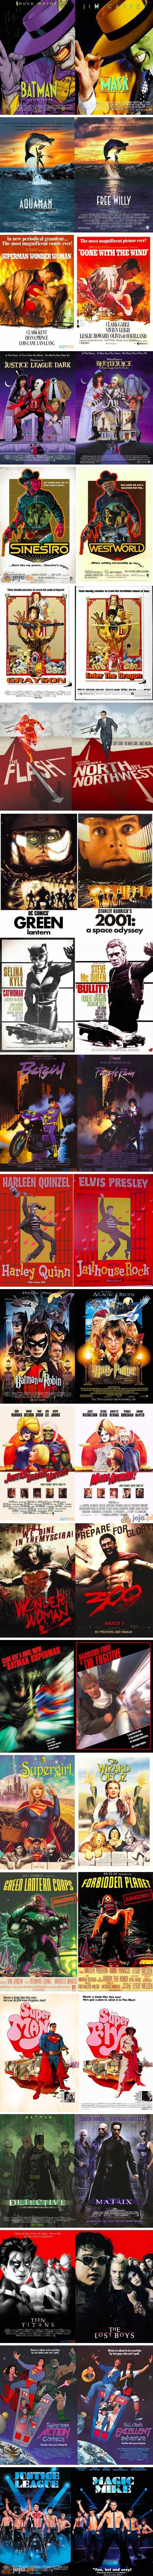 Okładki znanych filmów jako okładki znanych komiksów